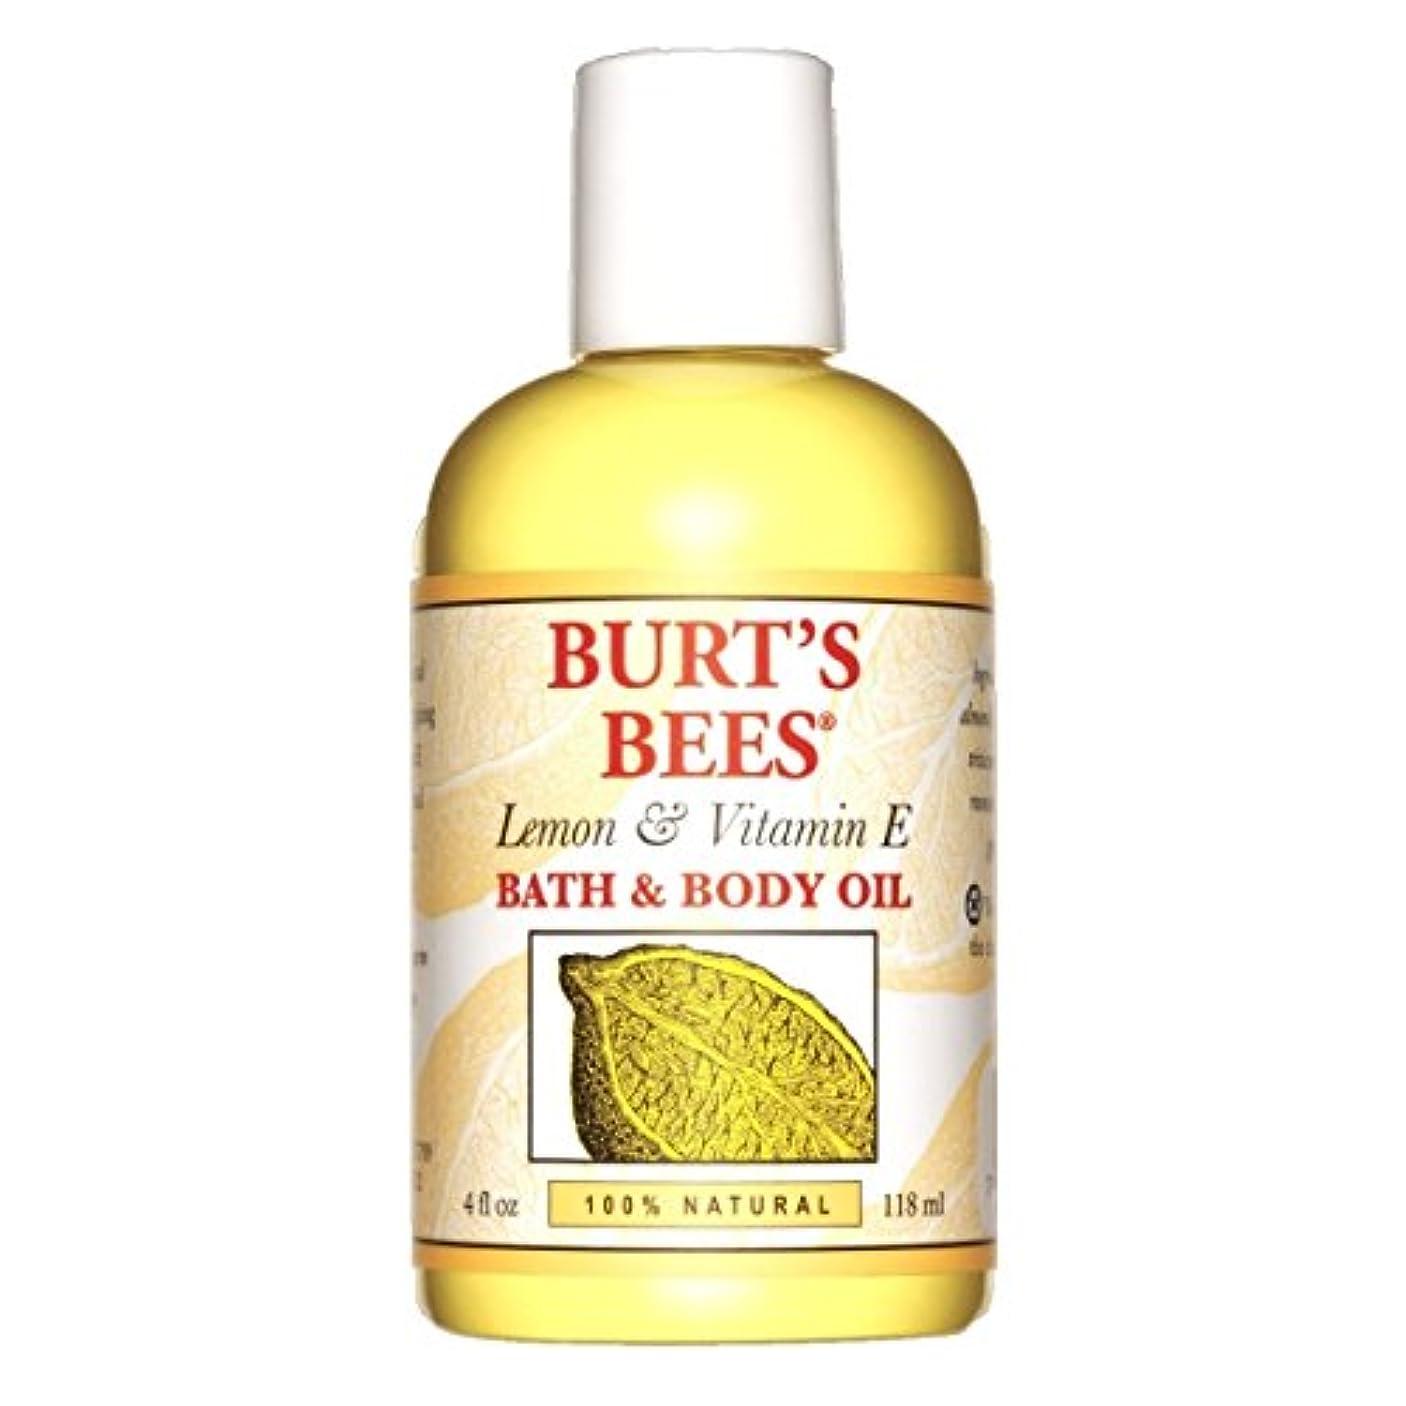 女性デモンストレーションマカダムバーツビーズ(Burt's Bees) レモン&ビタミンE バスアンドボディオイル 118ml [海外直送品][並行輸入品]